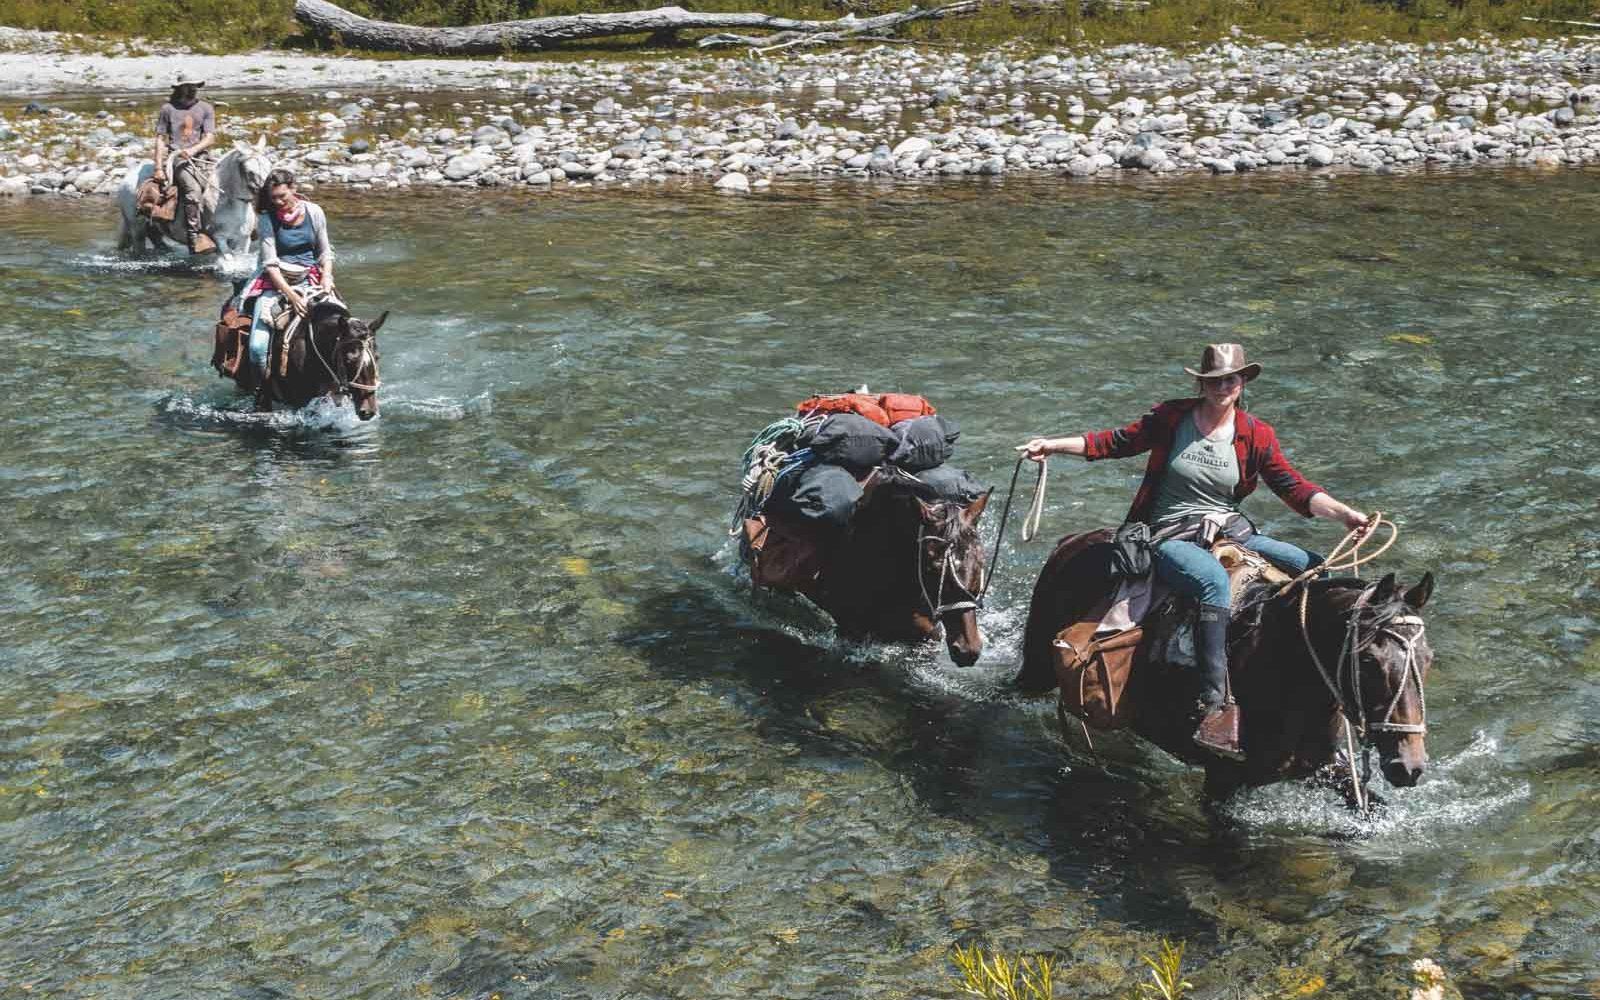 rancho-carhuello-horseback-riding-tour6-2